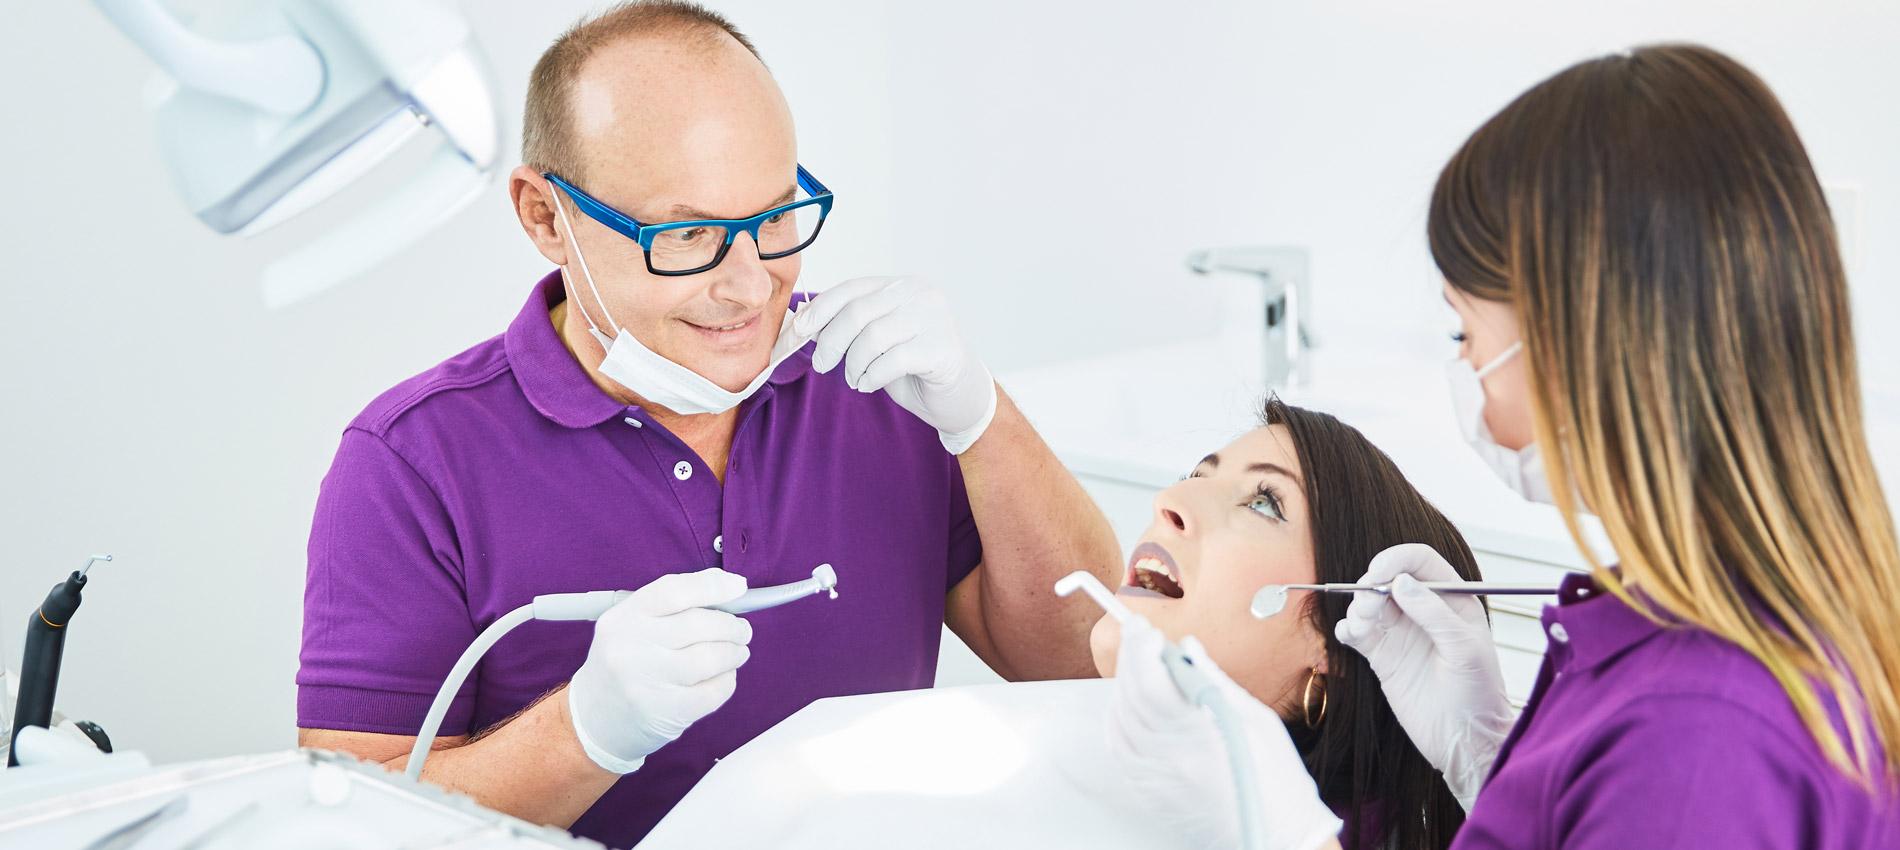 Zahnarztpraxis Ingo Lange - Digitale Zahnfarbenbestimmung 1